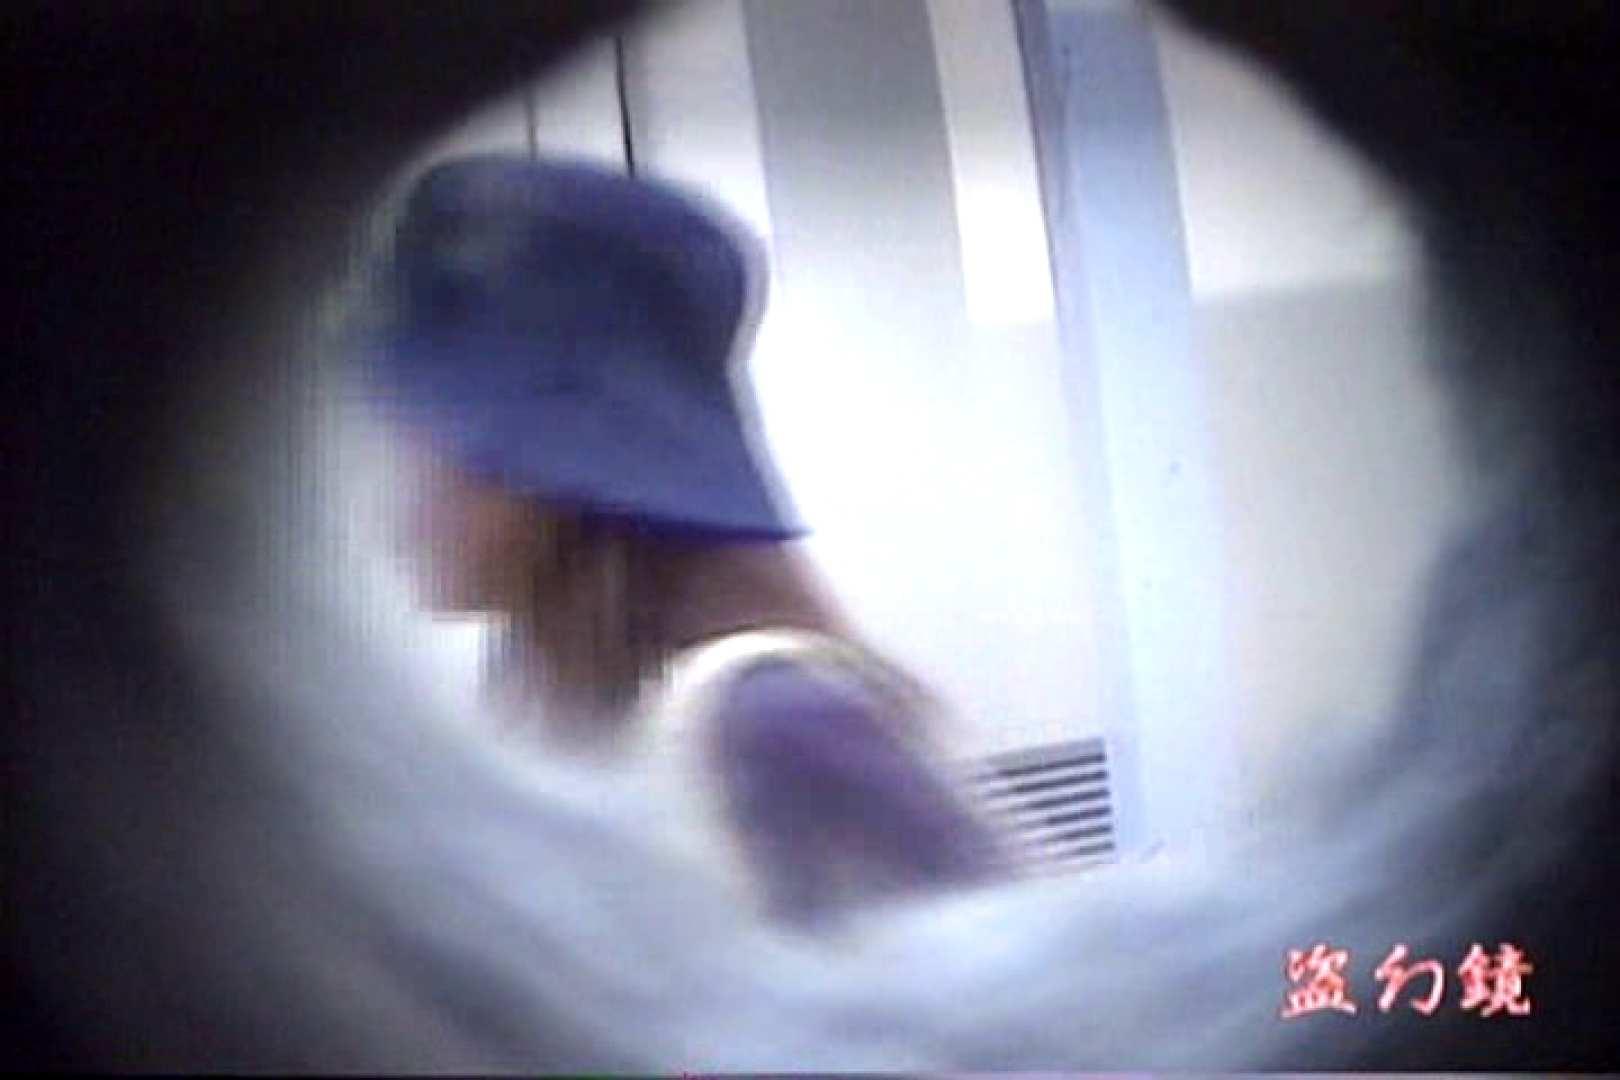 真夏のビーチ!!和式洗面所の穴rba02 盗撮 盗み撮り動画キャプチャ 72pic 8